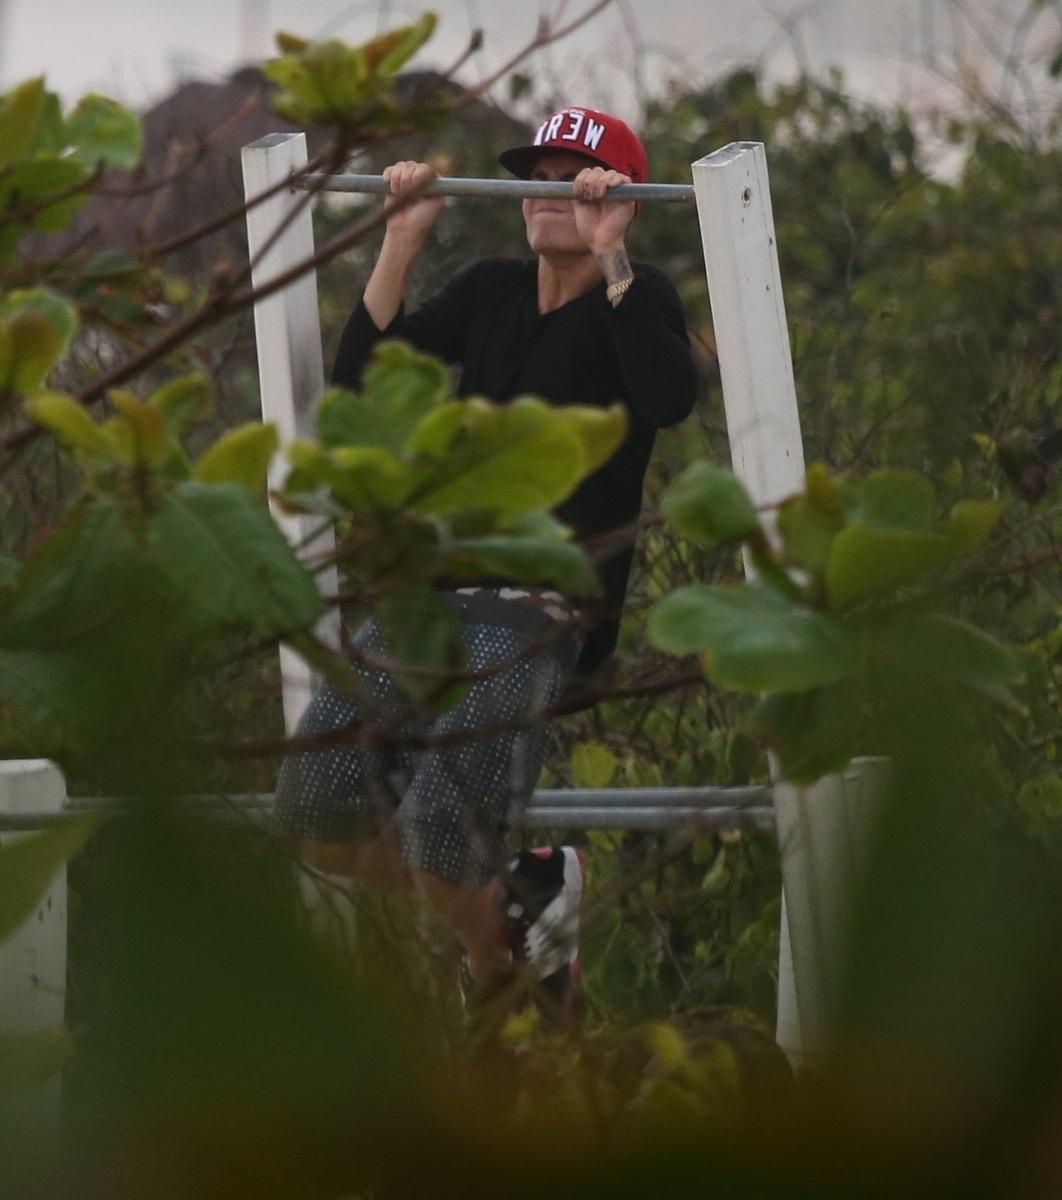 5.nov.2013 - Justin Bieber faz exercícios em uma barra que fica na praia da Barra da Tijuca. O cantor estava acompanhado de amigos e seguranças e tentou passar despercebido, usando óculos e boné